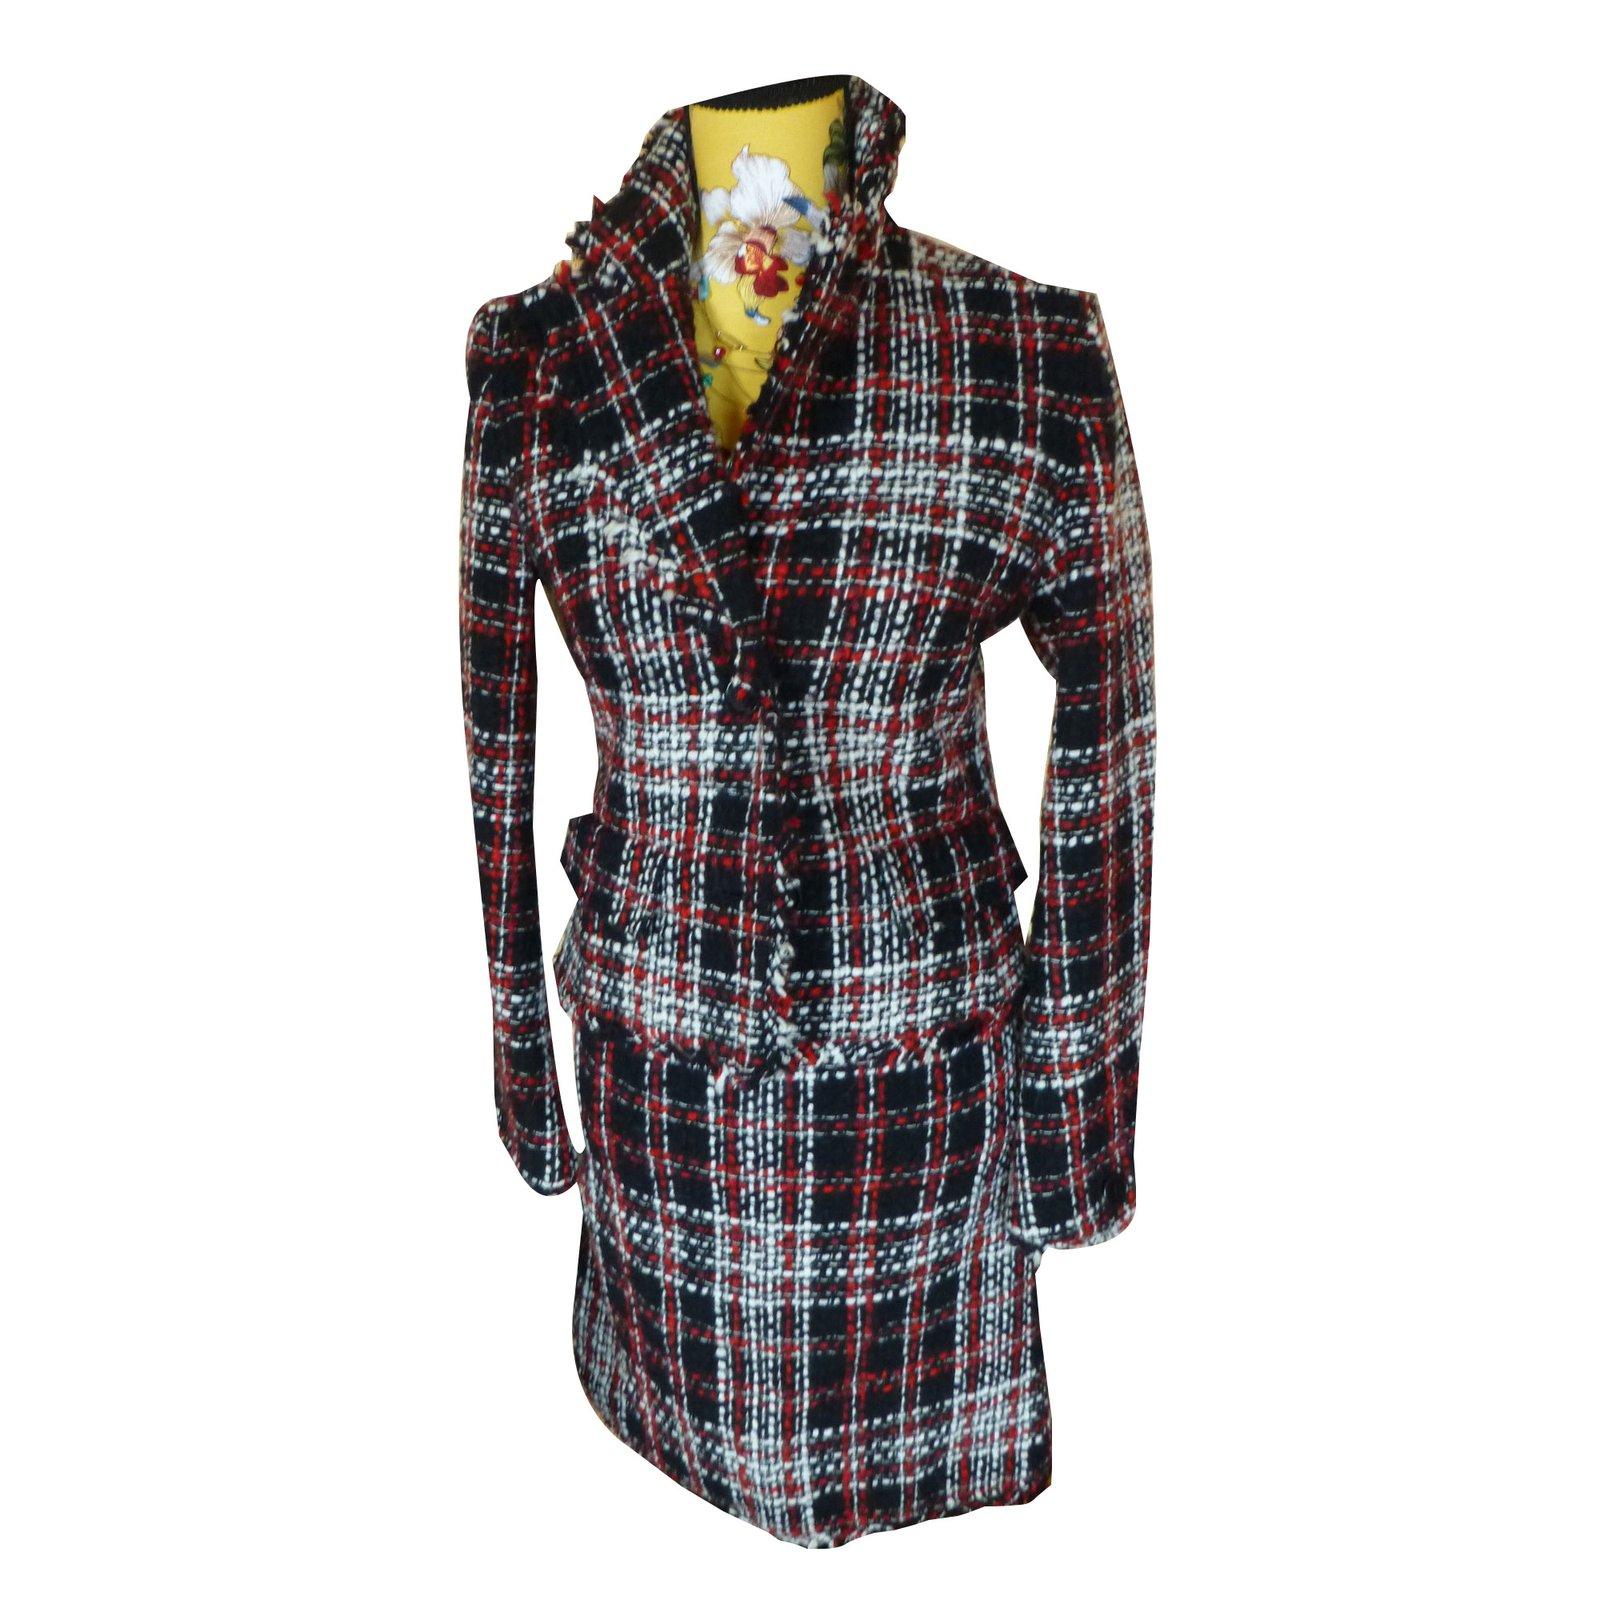 c112eba63c Karen Millen Skirt suit Skirt suit Wool Multiple colors ref.51393 ...